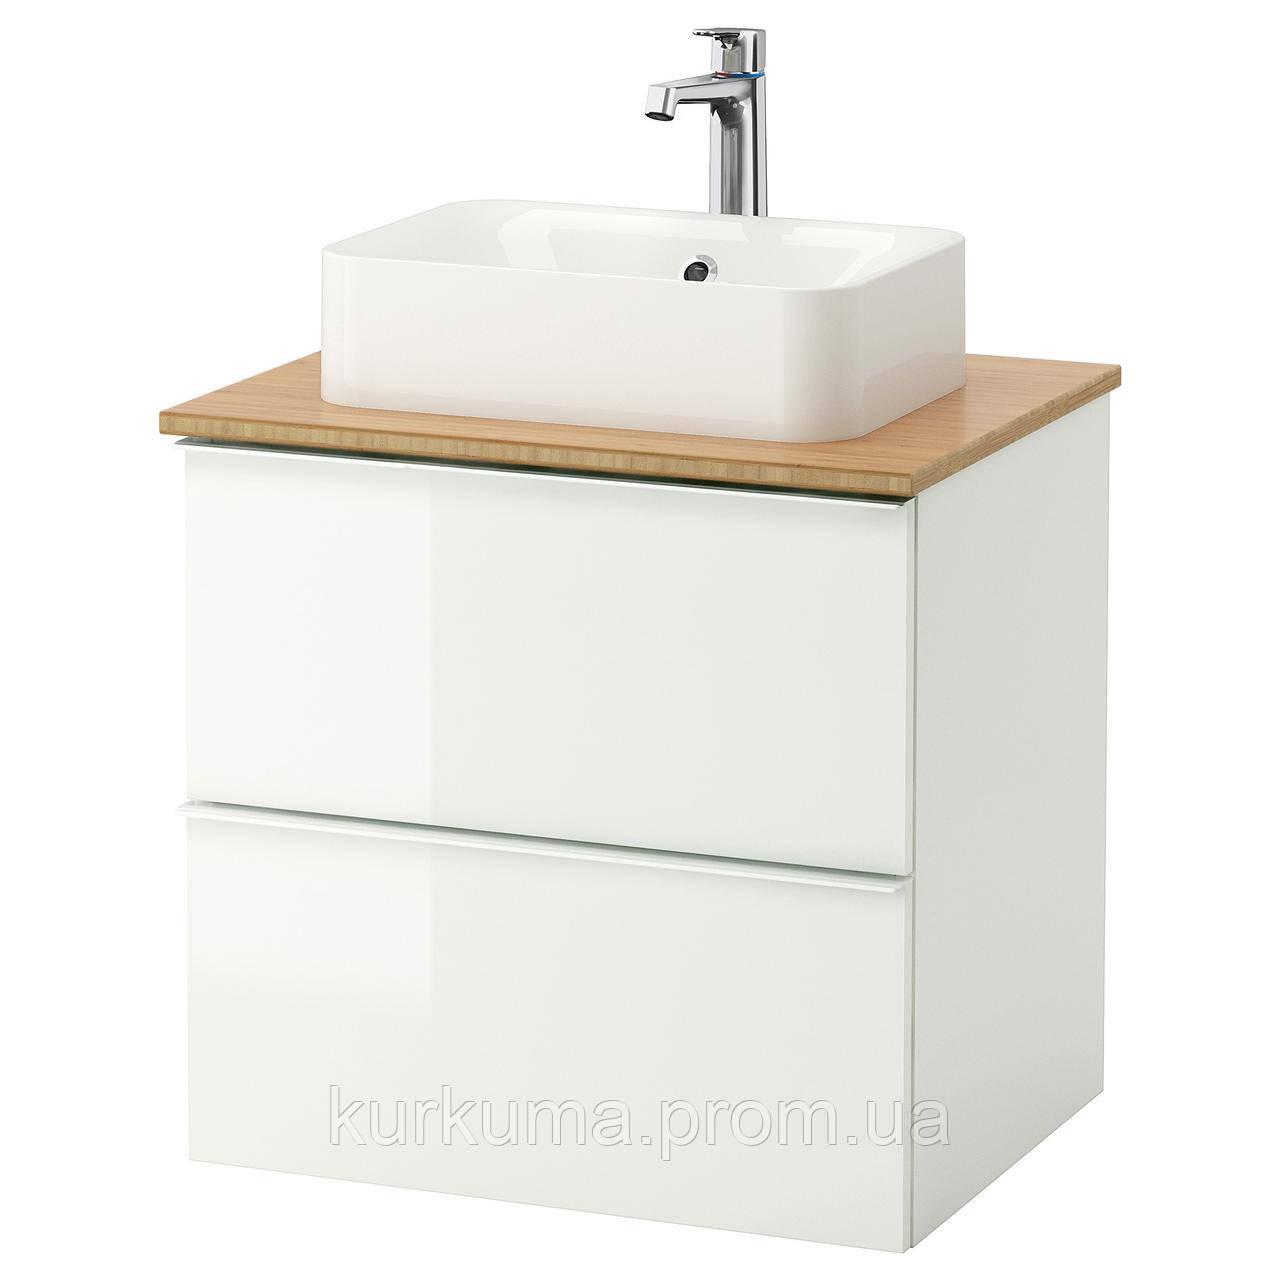 IKEA GODMORGON/TOLKEN/HORVIK Шафа під умивальник з раковиною 45x32, глянцевий білий, бамбук (792.135.60)